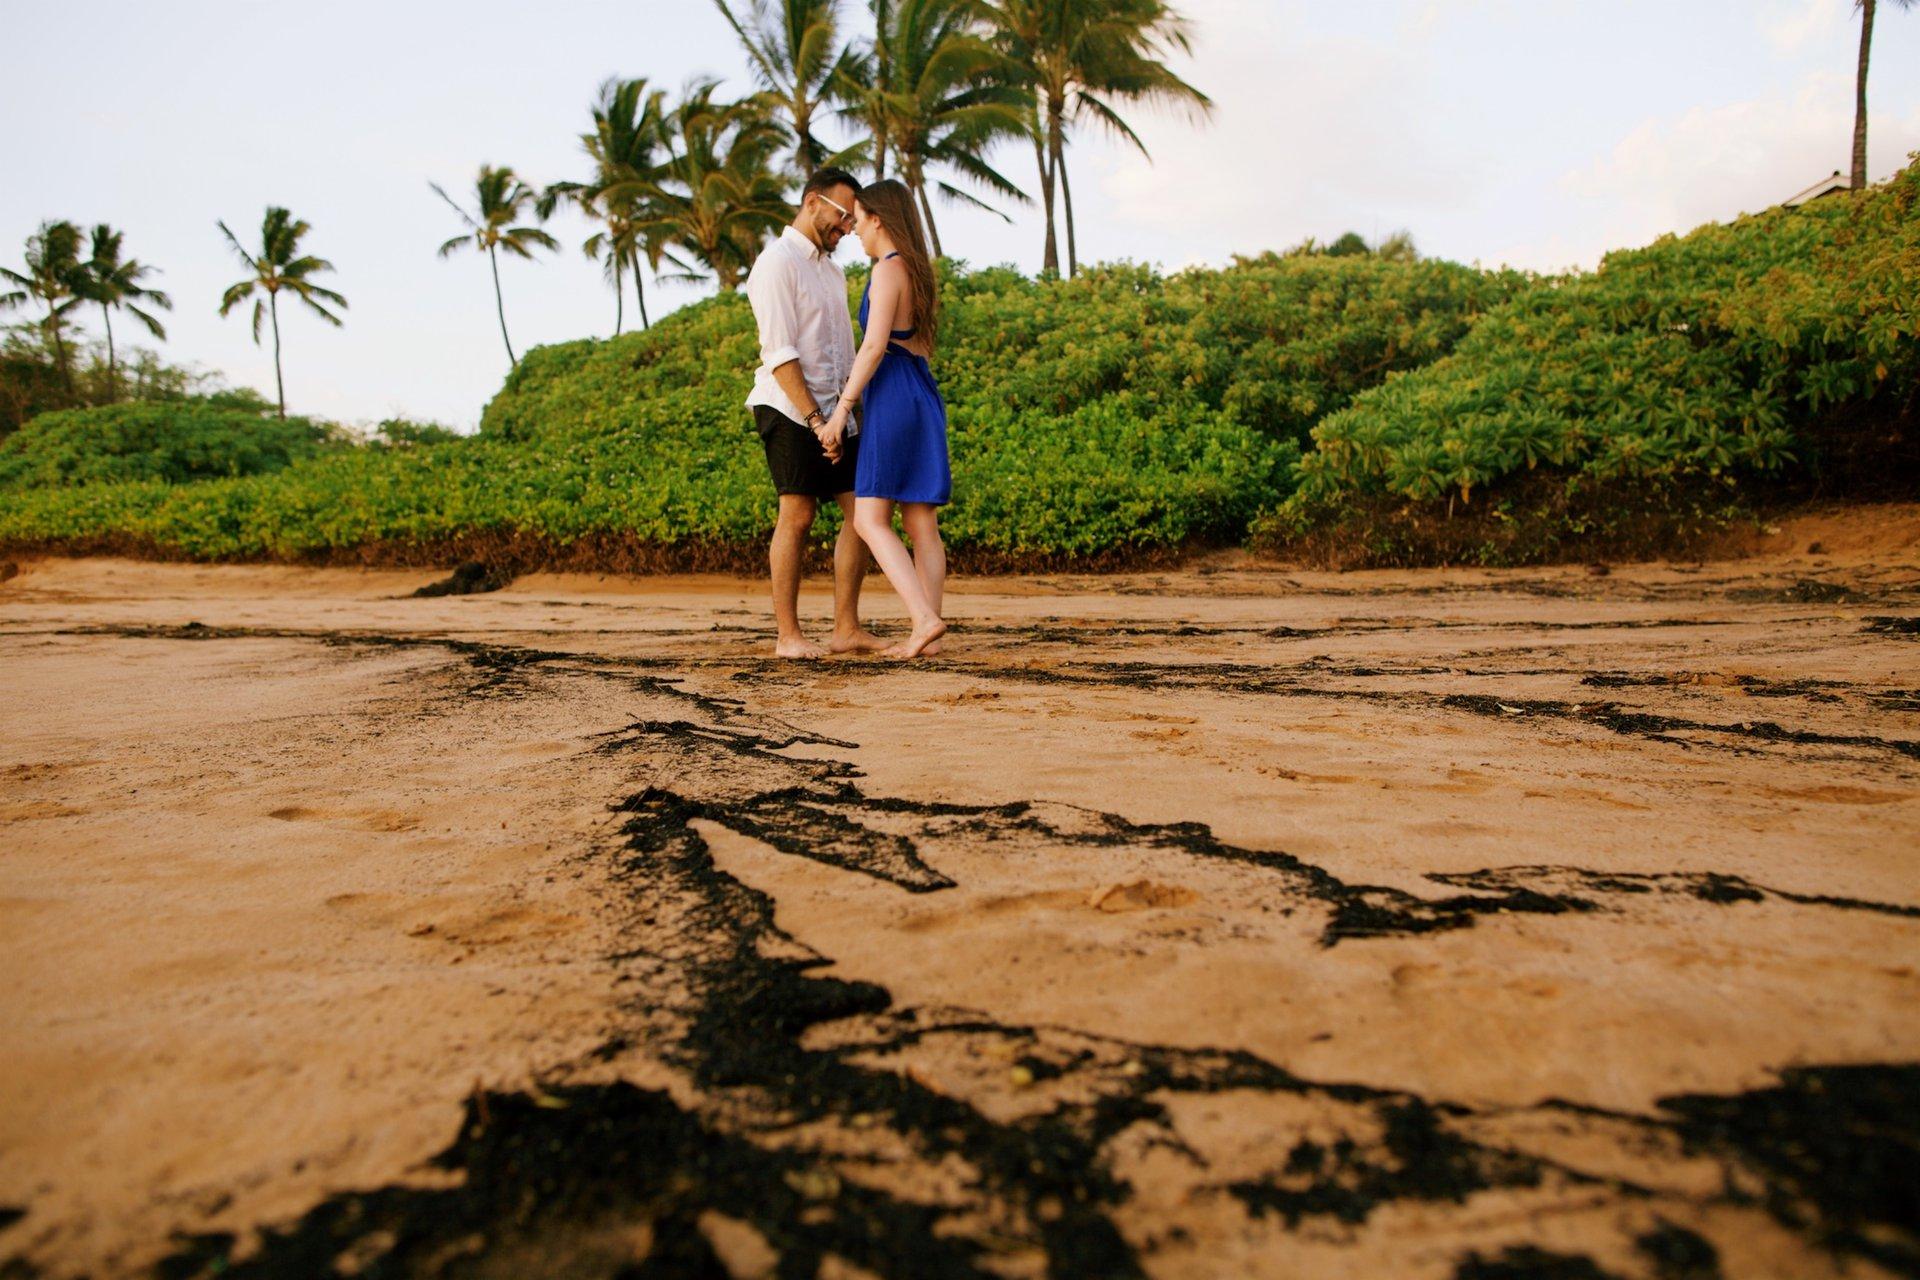 Maui-United States-travel-story-Flytographer-35